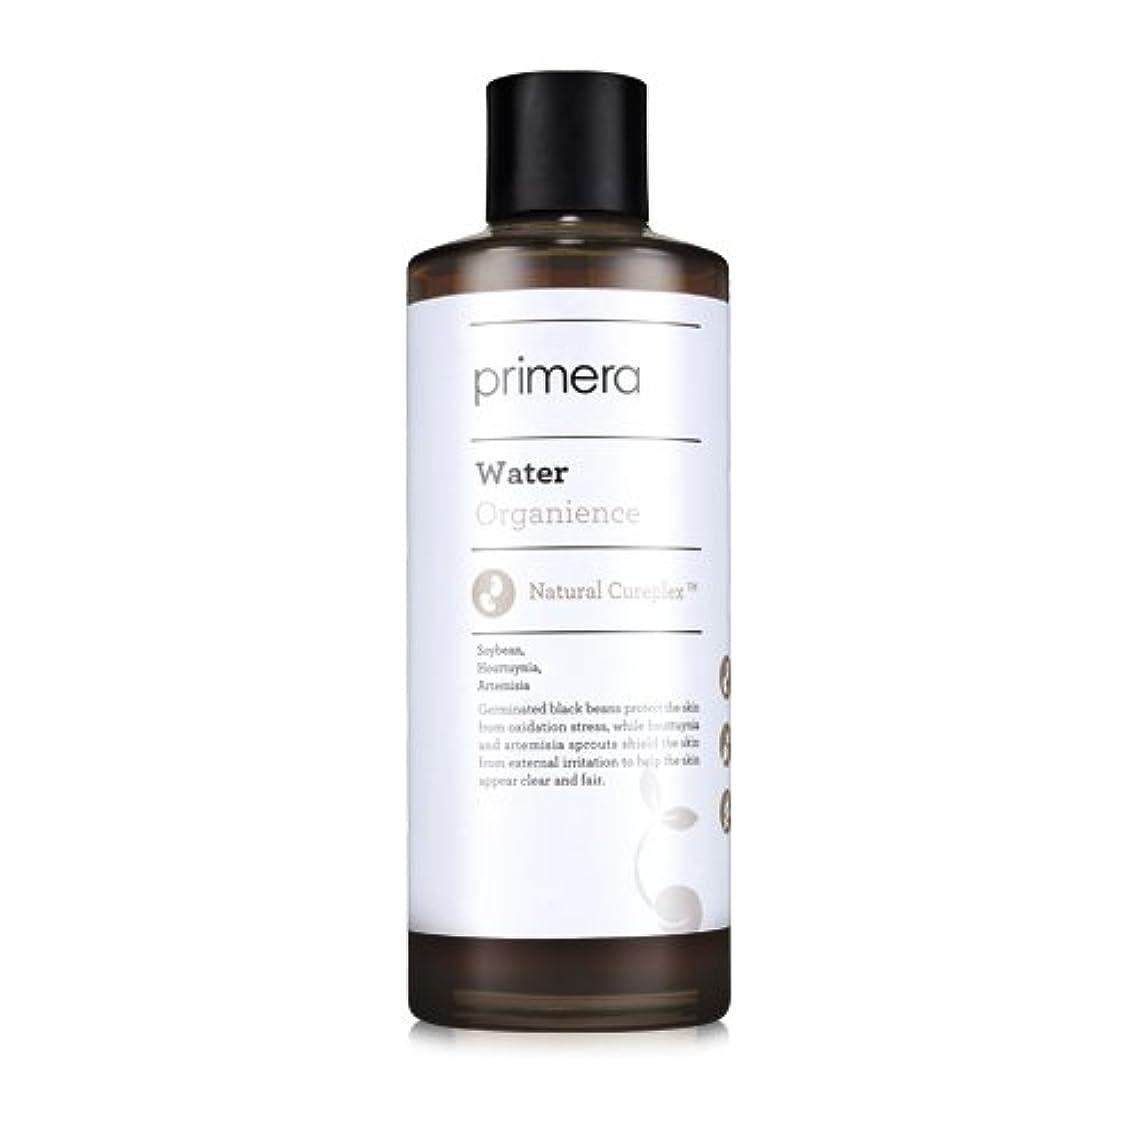 正確なブラウス第二にPRIMERA プリメラ オーガニエンス ウォーター(Organience Water)化粧水 180ml